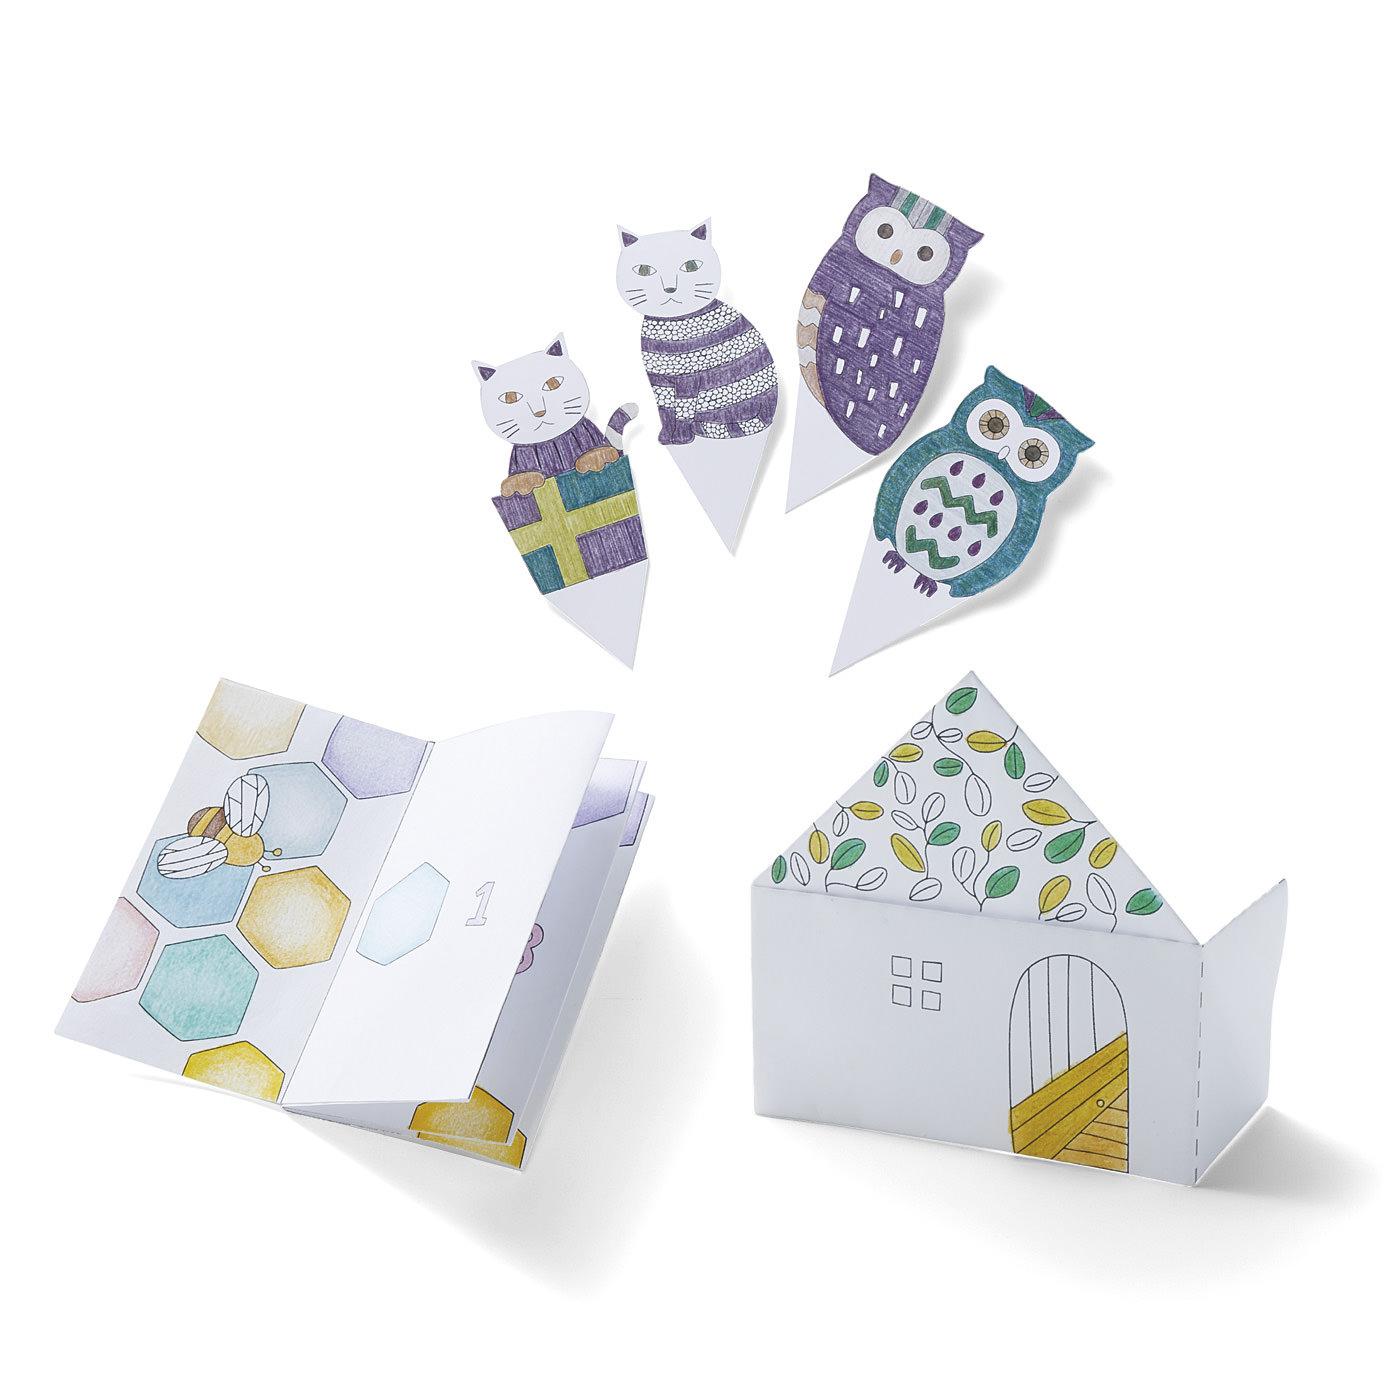 色をぬって手づくりする、楽しいペーパークラフトも毎月届きます。メッセージカード、ラッピンググッズやモビールなど、色えんぴつを使い始める第1歩として小さな作品づくりが楽しめます。